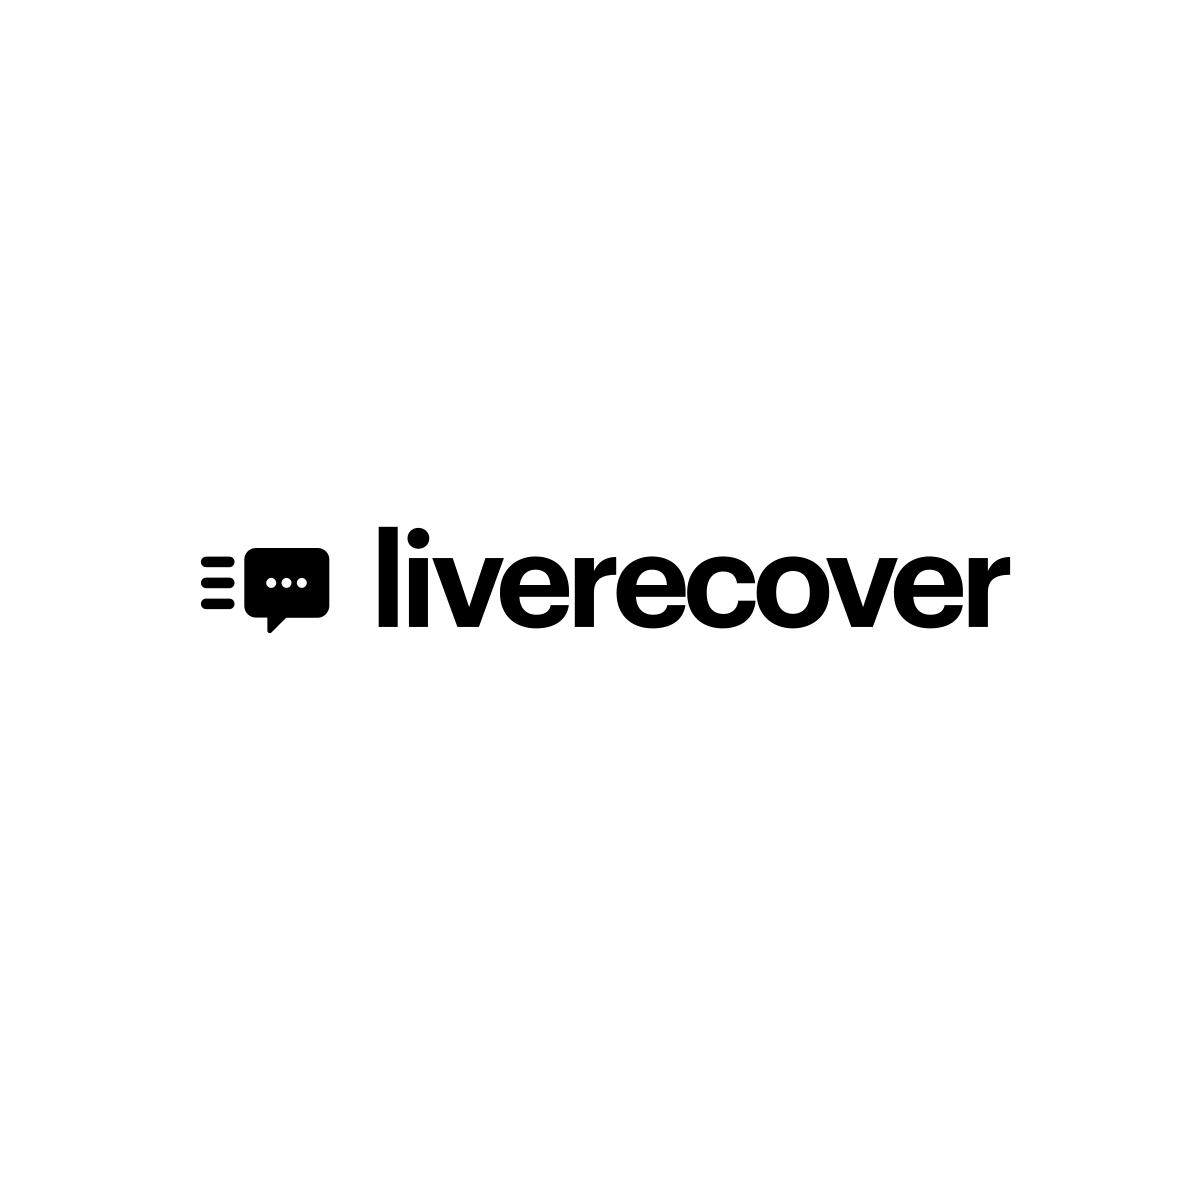 Liverecover